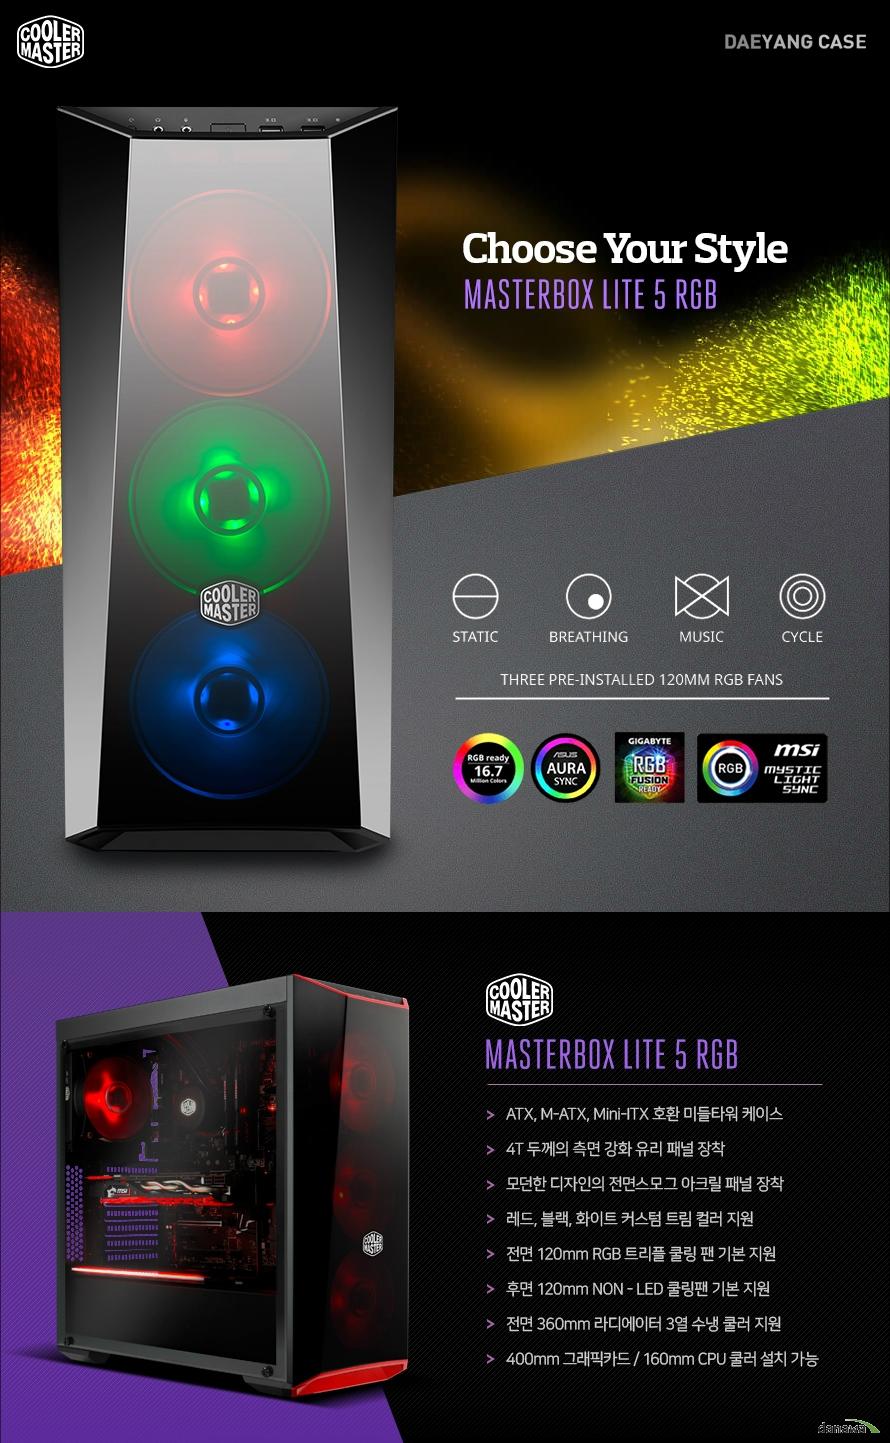 쿨러마스터 MASTERBOX LITE 5 RGB ATX, M-ATX, Mini-ITX 호환 미들타워 케이스 4T 두께의 측면 강화 유리 패널 장착 모던한 디자인의 전면스모그 아크릴 패널 장착  레드, 블랙, 화이트 커스텀 트림 컬러 지원  전면 120mm RGB 트리플 쿨링 팬 기본 지원 후면 120mm RGB 쿨링 팬 기본 지원 전면 360mm 라디에이터 3열 수냉 쿨러 지원 400mm 그래픽카드 / 160mm CPU 쿨러 설치 가능 모던한 디자인의 전면 스모그 아크릴 패널 장착 MASTERBOX LITE 5 RGB 커스텀 케이스 MATSERBOX LITE 5 RGB 케이스는 PC 내부 부품들의 컬러에 구애 받지 않고  부품들의 색상에 맞춰 RGB 및 트림 컬러를 변경할 수 있습니다. 또한, 스모그 아크릴 패널은 RGB 컬러를 더욱 돋보이게 해주며 내부 부품을 안전하게 보호합니다. 4T 두께의 강화 유리 다크 미러 사이드 패널 은은한 빛깔의 다크 미러 사이드 패널 설계로 커스텀 구성 된 내부를 감상하실 수 있습니다. 4T 두께의 강화 유리는 케이스 내부 손상을 방지해주고, 나사를 최소화한 디자인 으로 세련미를 더하였습니다. 한계가 없는 놀라운 확장성 공간 효율을 극대화한 프리미엄 케이스 보편적으로 사용되는 표준 부품들을 모두 호환하여 시스템 구성과 설치에 어려움이 없고 HDD 설치 공간을 하단에 독립적으로 배치해 그래픽카드를 여유롭게 설치할 수 있도록 설계하였습니다.  타 케이스에 비해 공간 활용도가 높고 쿨링의 효율 또한 그대로 유지한 프리미엄 PC 케이스입니다.      커스텀 트림 컬러 지원 레드, 블랙, 화이트 컬러의 커스텀 트림을 지원하여 사용자가 원하는 컬러로 커스터마이징 할 수 있습니다. 메인보드와 동기화 되는 전면 RGB 팬 트리플 구성 각 제조사의 RGB LED 지원 메인보드와 호환됩니다. 메인보드에 전면 팬을 연결하면 연결된 모든 RGB  기기가 같은 색상으로 동기화되어 작동합니다. 하나의 포트로 3개의 RGB LED 팬 연결 1 to 3 RGB 스플리터 케이블 기본 제공 쿨러마스터 RGB 쿨링 팬에 최적화된 1 to 3 스플리터 케이블입니다. 총 580mm의 길이를 가졌으며 모든 4핀 RGB 헤더와 문제없이 호환됩니다. RGB LED 컨트롤러 기본 제공 간단한 버튼 조작만으로도 LED 컬러 및 모드를 변경할 수 있습니다. 사용자가 원하는 부품을 그대로 높은 호환성의 고성능 케이스 최대 길이 400mm의 그래픽카드와 최대 높이 160mm의 CPU 쿨러, 최대 길이 360mm 수냉 라디에이터를  설치할 수 있으며 ATX 규격의 메인보드와 최대 180mm ATX 규격 파워서플라이를 설치할 수 있습니다.  불필요한 하드디스크 베이를 최소화하여 높은 호환성 및 확장성을 제공합니다. 막힘없는 직선적 공기 흐름 구조 저소음 고효율 쿨링 시스템 구성 전면의 120mm RGB 쿨링 팬 3개와 후면에 120mm 쿨링 팬을 장착하였습니다. 공기가 분산되지 않도록 직선적인 구조로 팬을 배치해 공기 흐름이 원활하도록 설계하였으며 전면 하드디스크, ODD 베이를 제거함으로써 흡기 효율을 극대화 하였습니다. 측면 SSD 설치 공간 제공 2.5인치 SSD 1개 설치 가능 하단 HDD 설치 공간 제공 3.5인치 HDD 2개 설치 가능  측면, 후면 패널 손나사 제공 손쉬운 개폐를 위한 손나사를 기본 제공합니다. 드라이버 도구 없이 언제든 열고 닫을 수 있어 편리하게 사용할 수있습니다.  상단 버튼 & I/O 포트 방식 사용이 편리한 상단 버튼 & I/O 포트 방식을  채택했습니다. 직관적인 버튼 디자인으로  편리하게 사용할 수 있습니다. 하단 더스트 필터 기본 장착 케이스 내부 먼지 유입을 막아주는 더스트 필터를 장착하였습니다. 파워 서플라이 쿨링으로 인한 먼지 유입을 최소화시켜줍니다. Product NameMasterBox Lite 5 RGB Model NumberMCW-L5S3-KGNN-02 Available ColorBlack MaterialsSteel, Plastic Dimensions (LxWxH)468.8 x 2